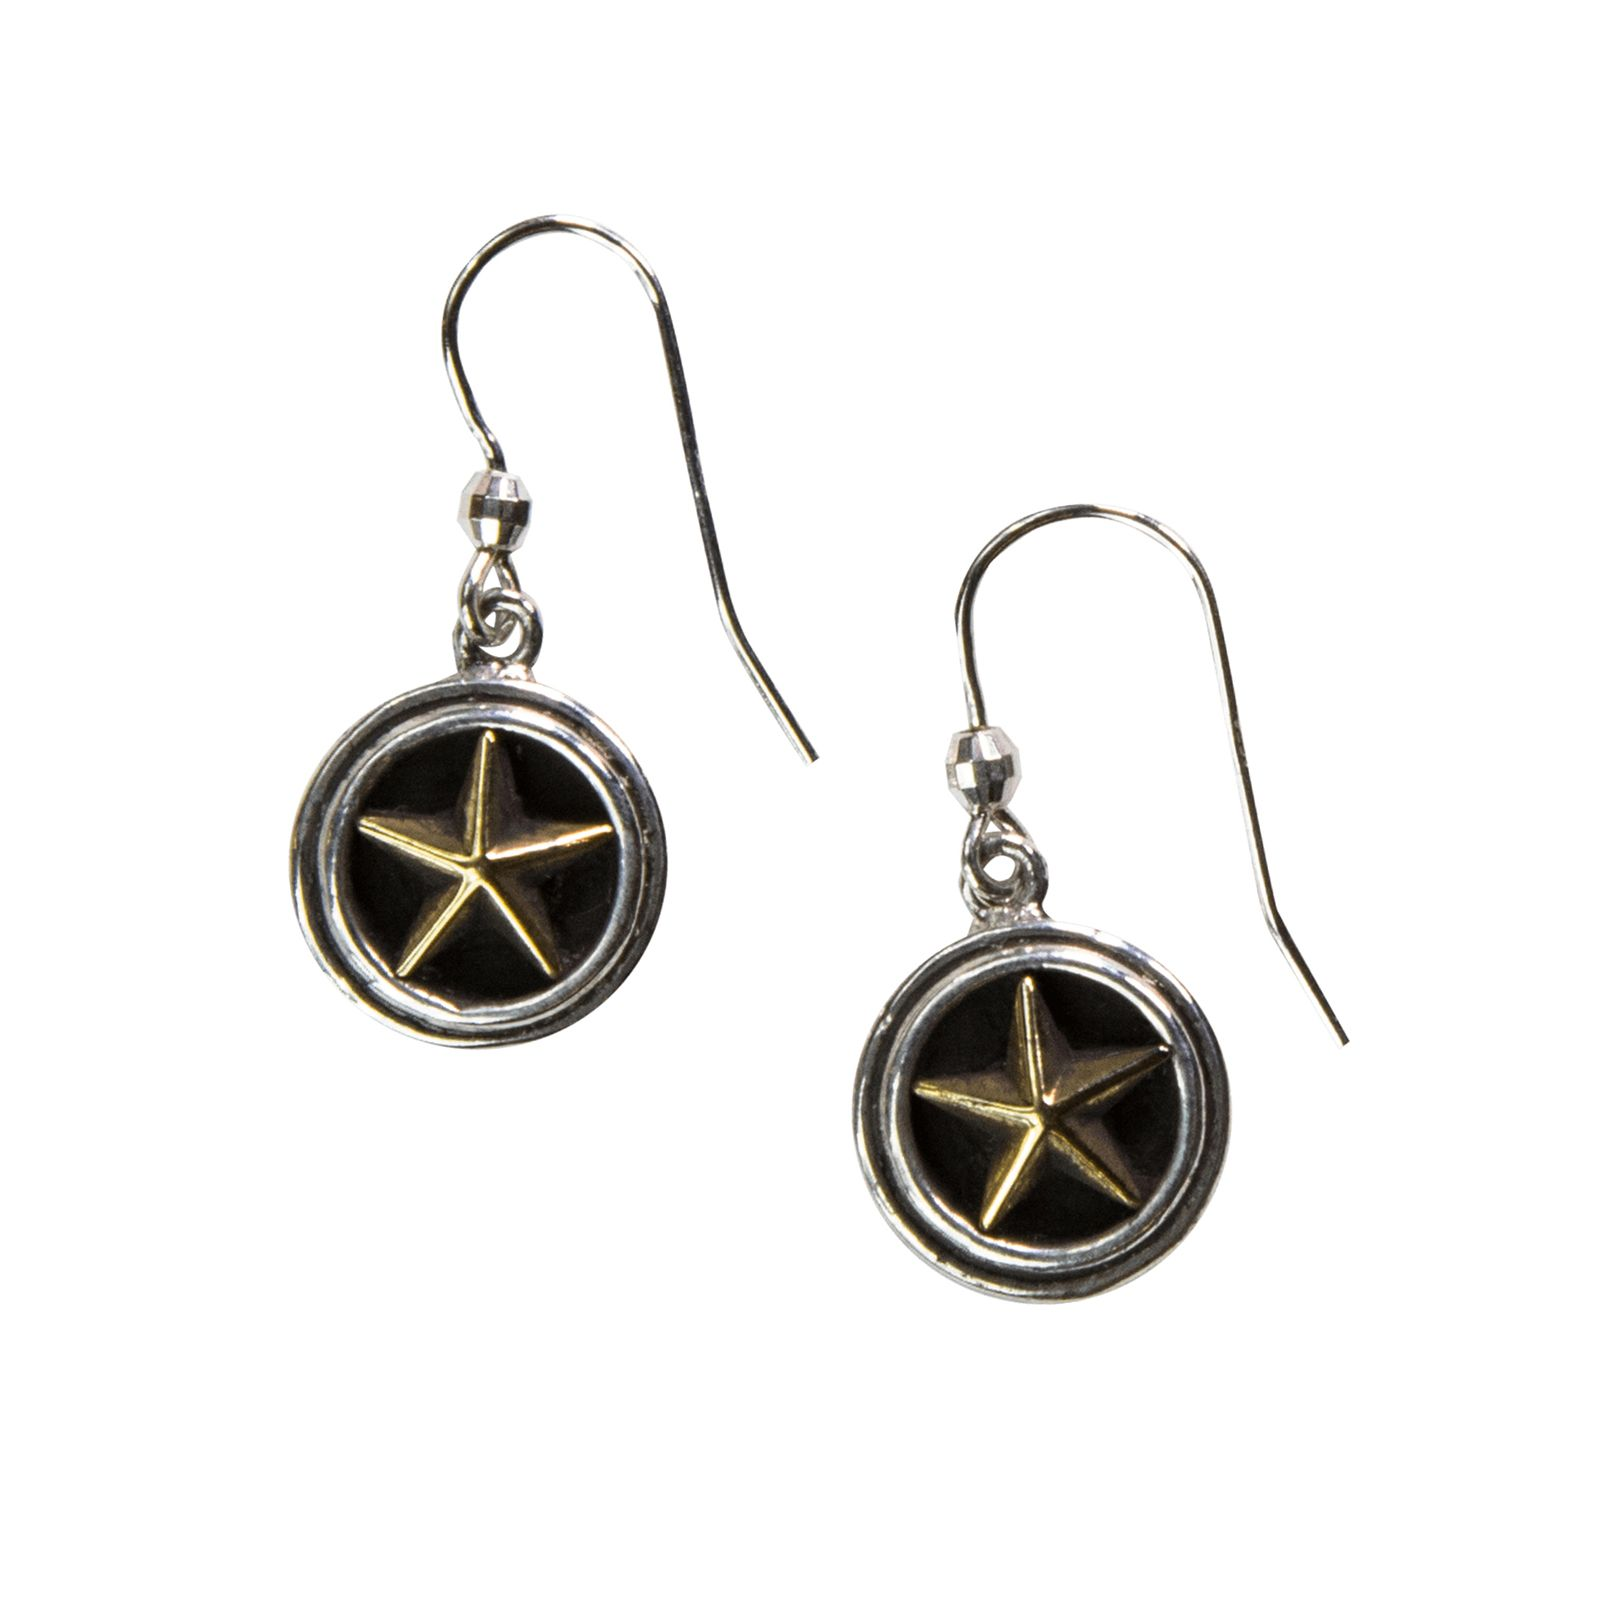 Lone Star Sterling Silver Earrings